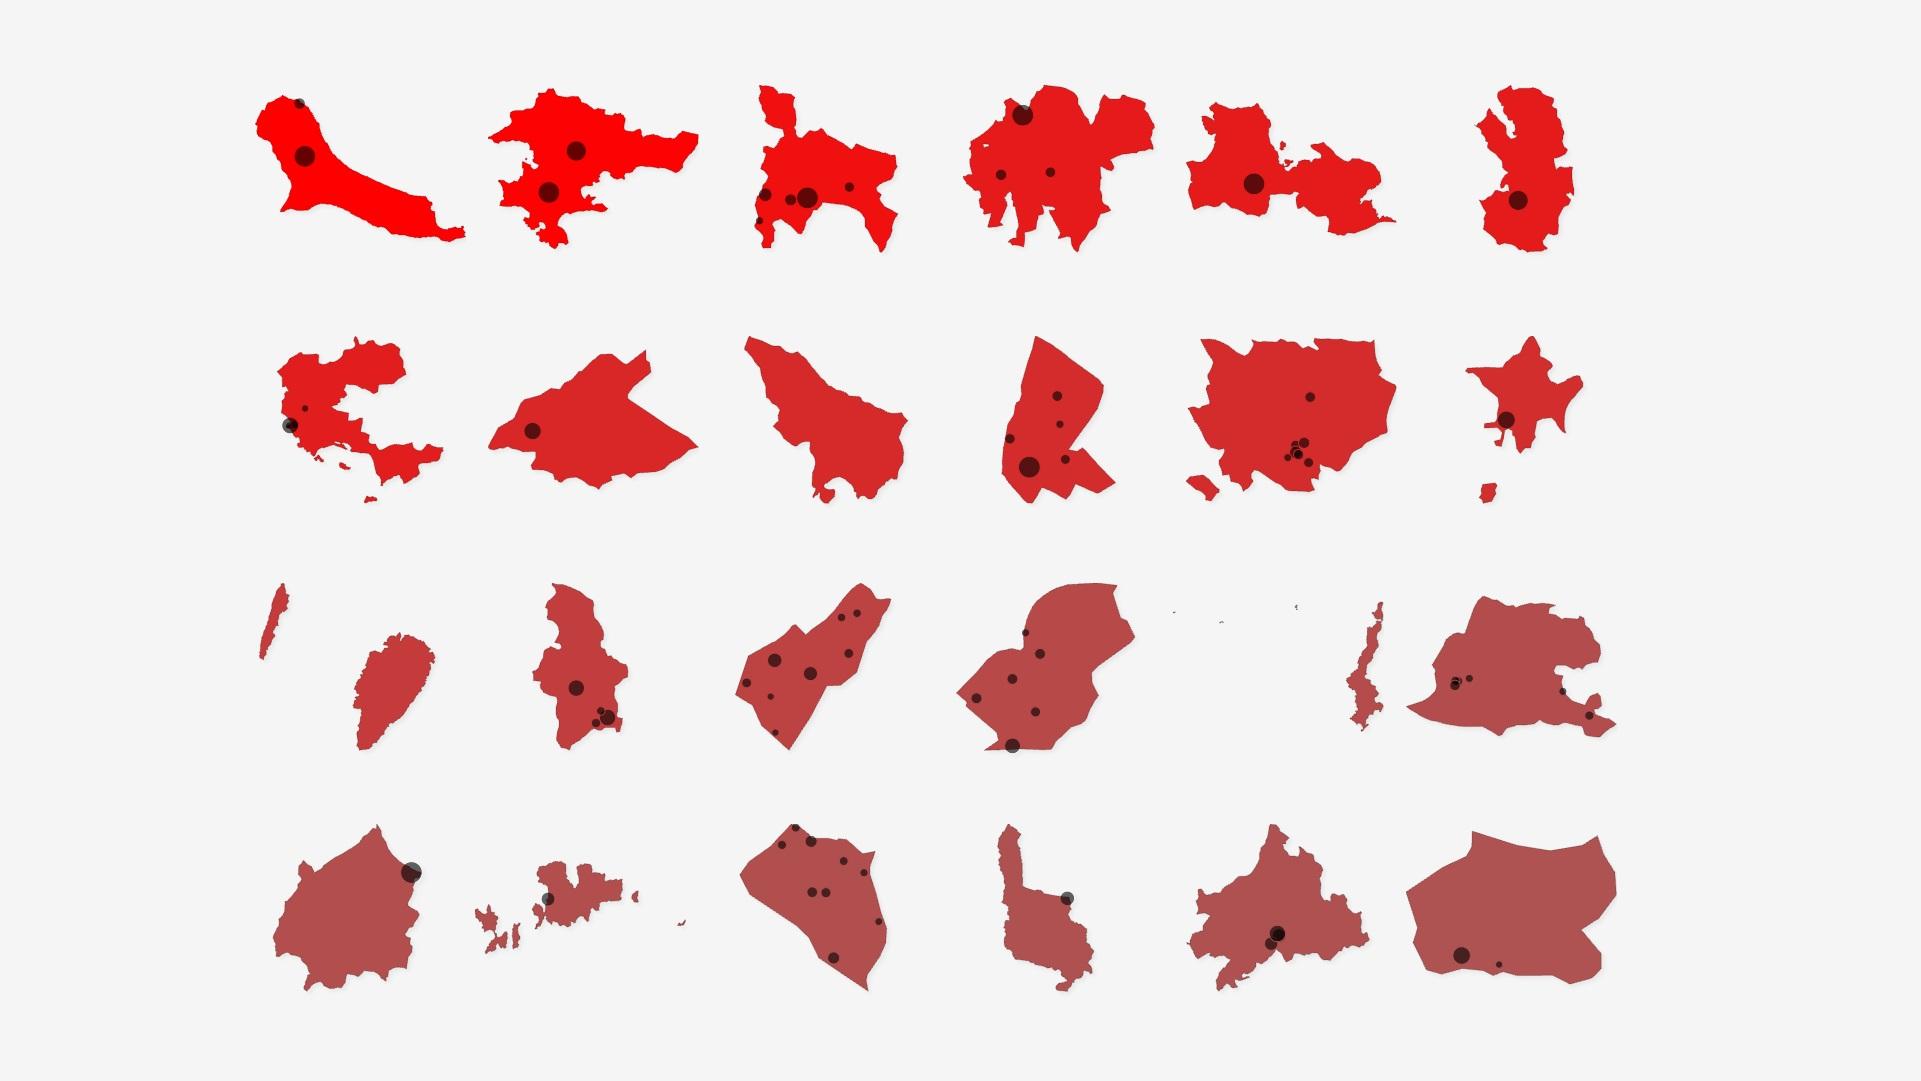 Γράφημα που αποτυπώνει πλειστηριασμούς κατοικιών ανά δήμο